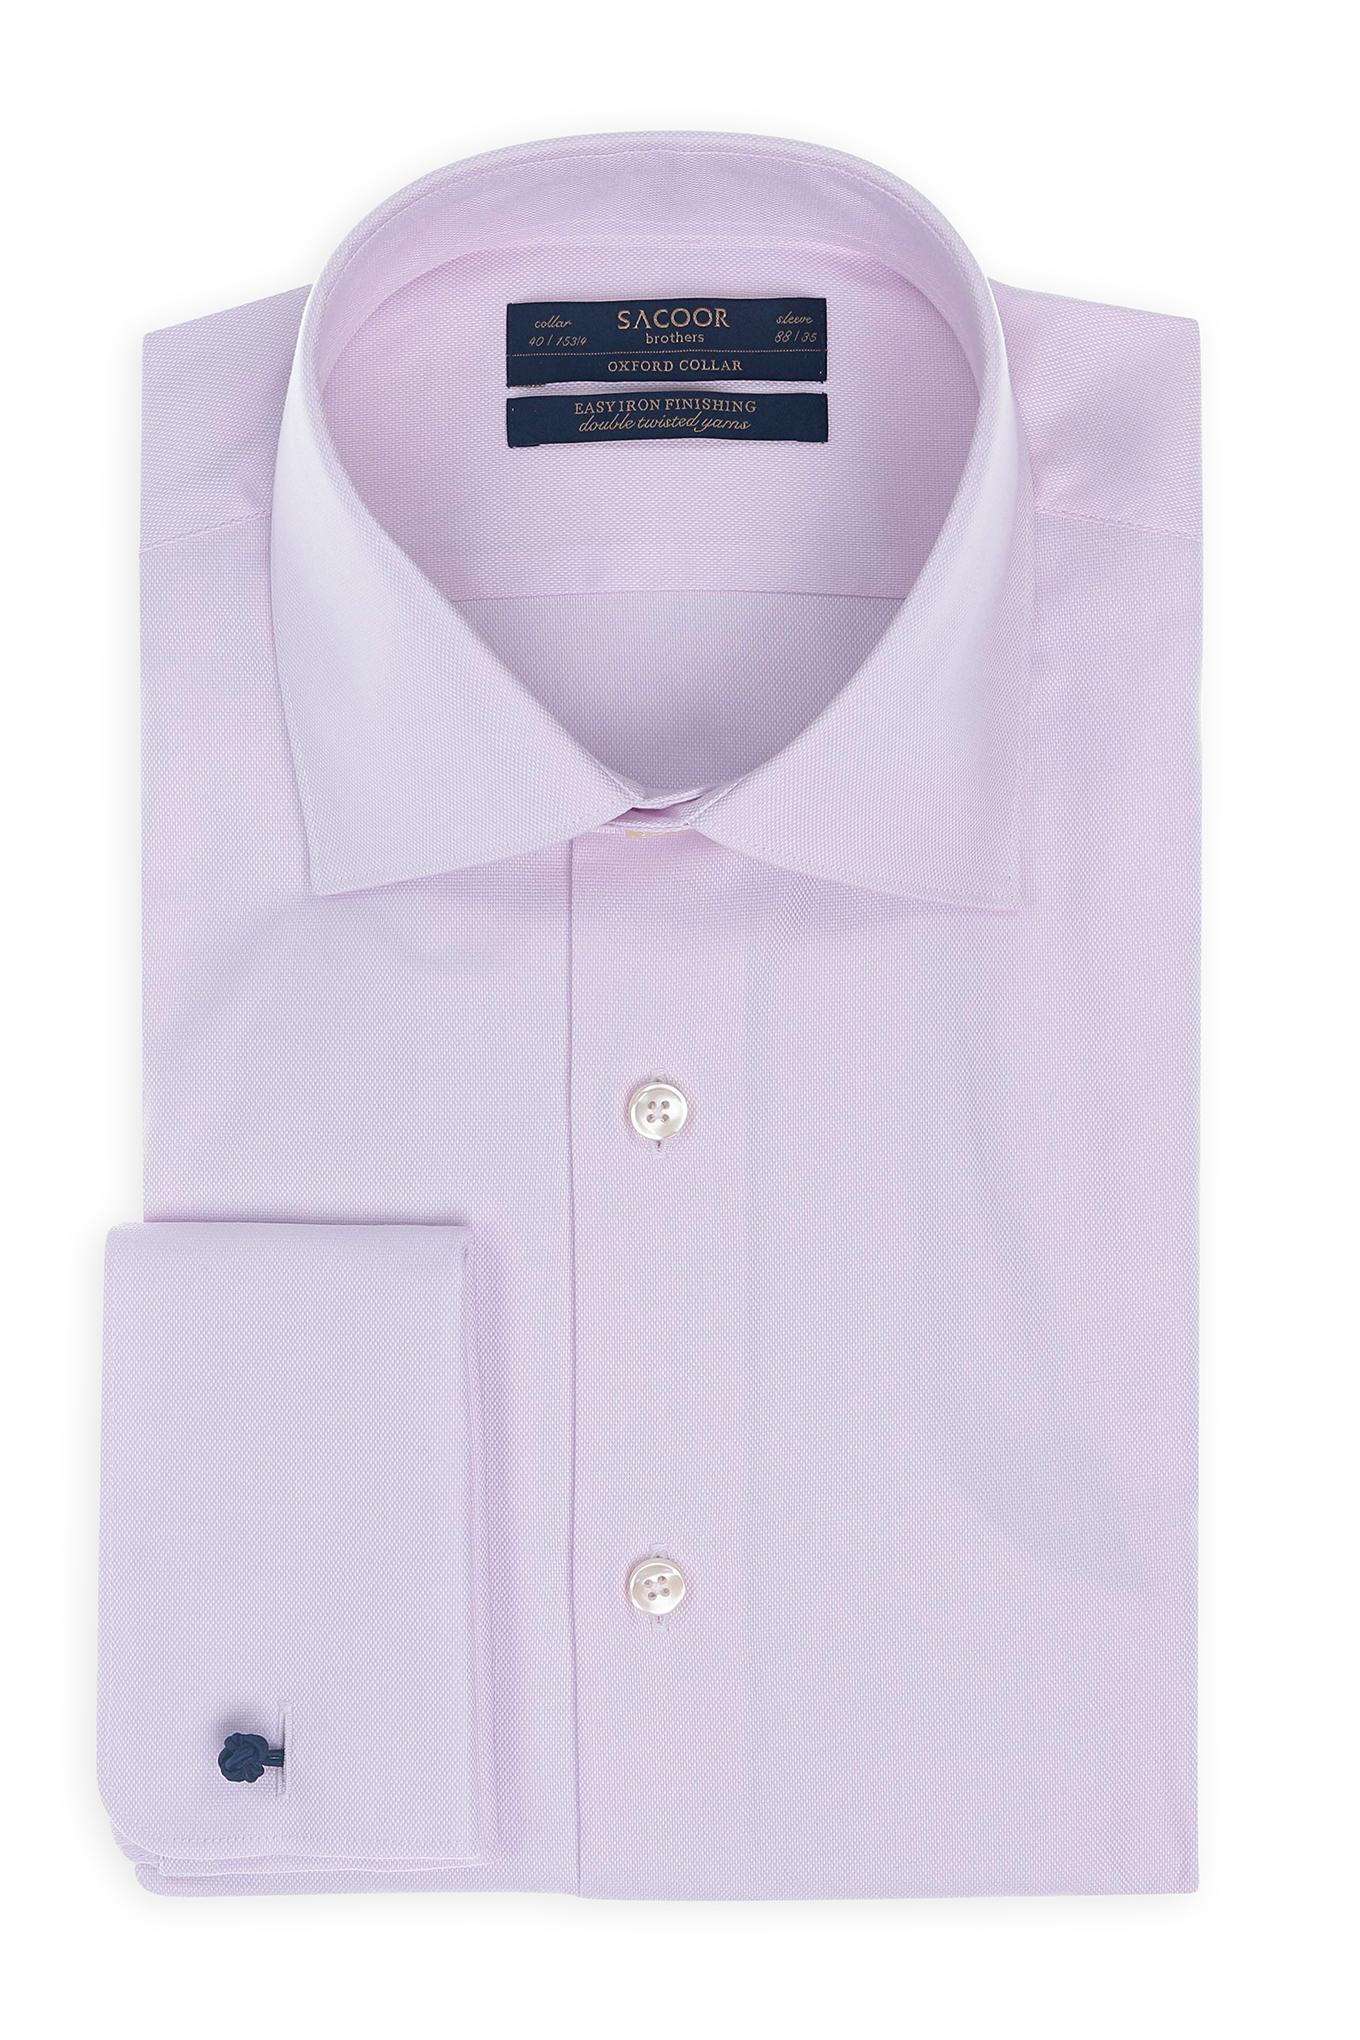 Camisa Rosa Claro Classic Homem